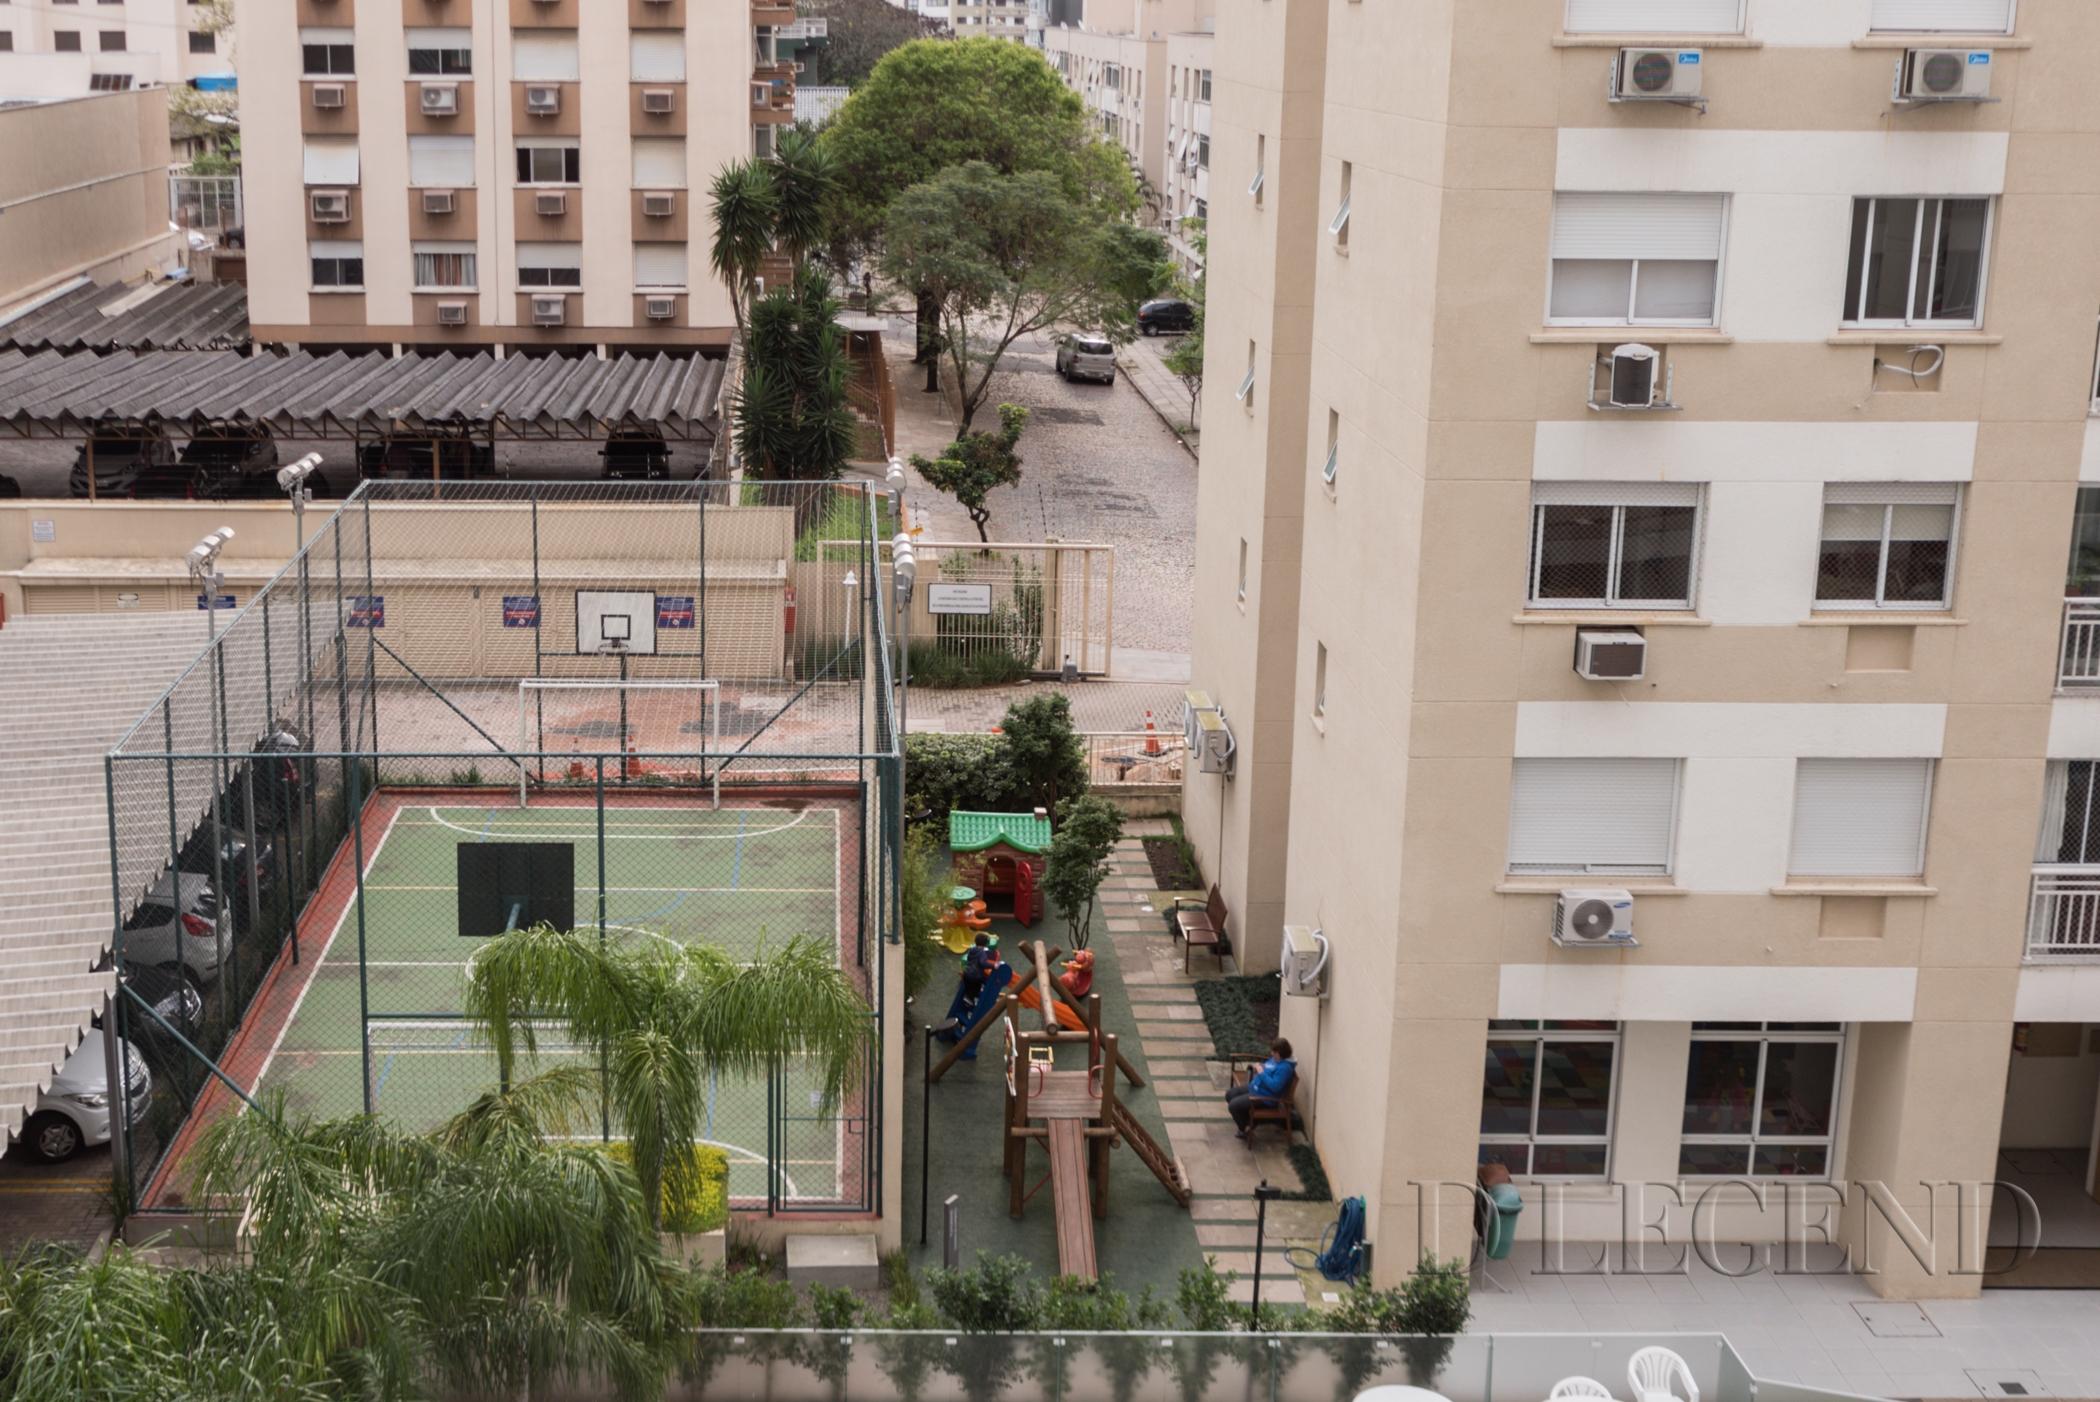 Serenitá - Rua Jari, 740 - Passo da Areia - Porto Alegre